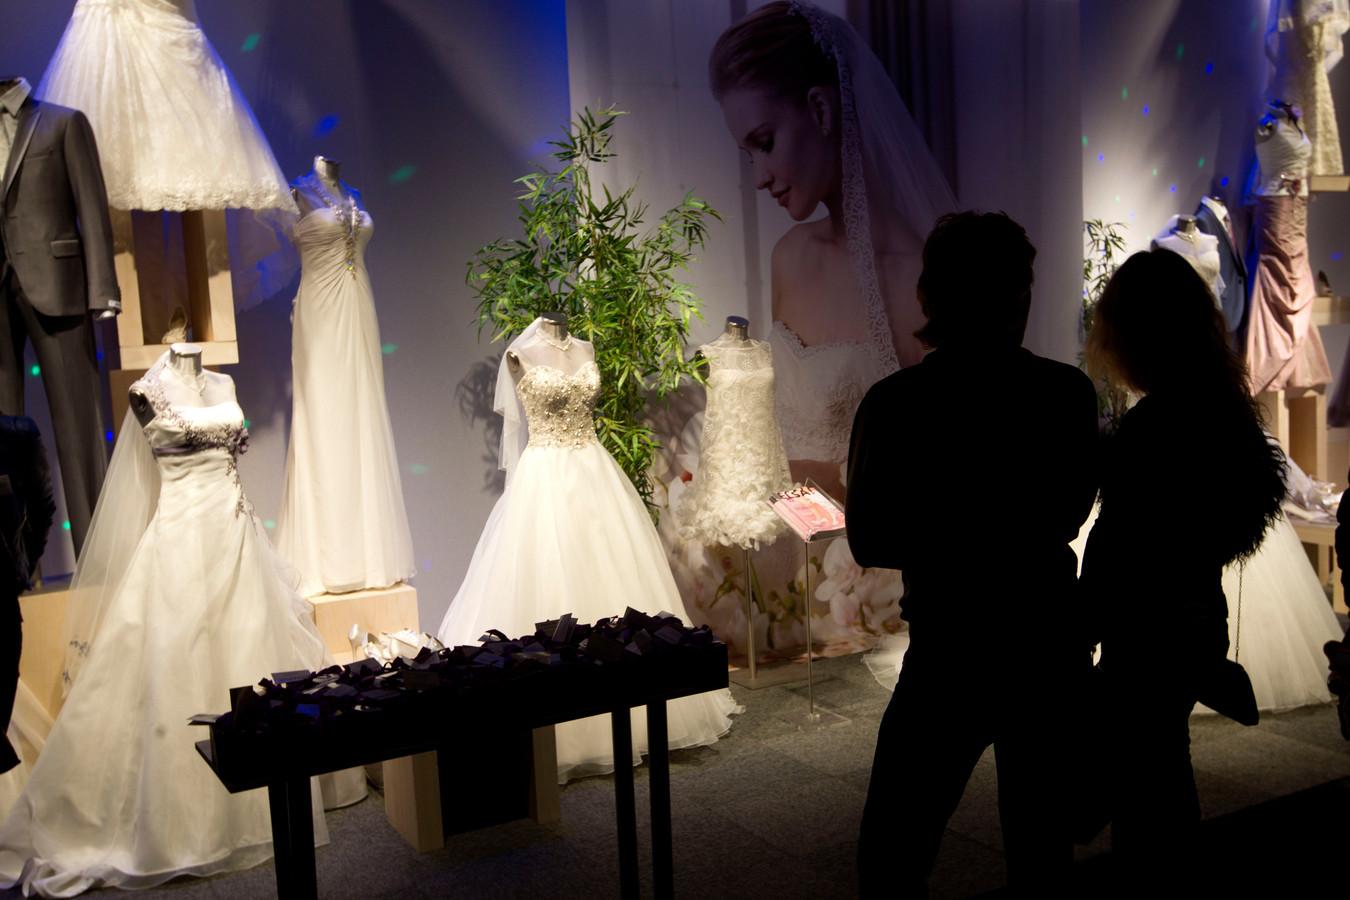 Een eerdere editie van de Love and Marriage Beurs in het Beursgebouw in Eindhoven.